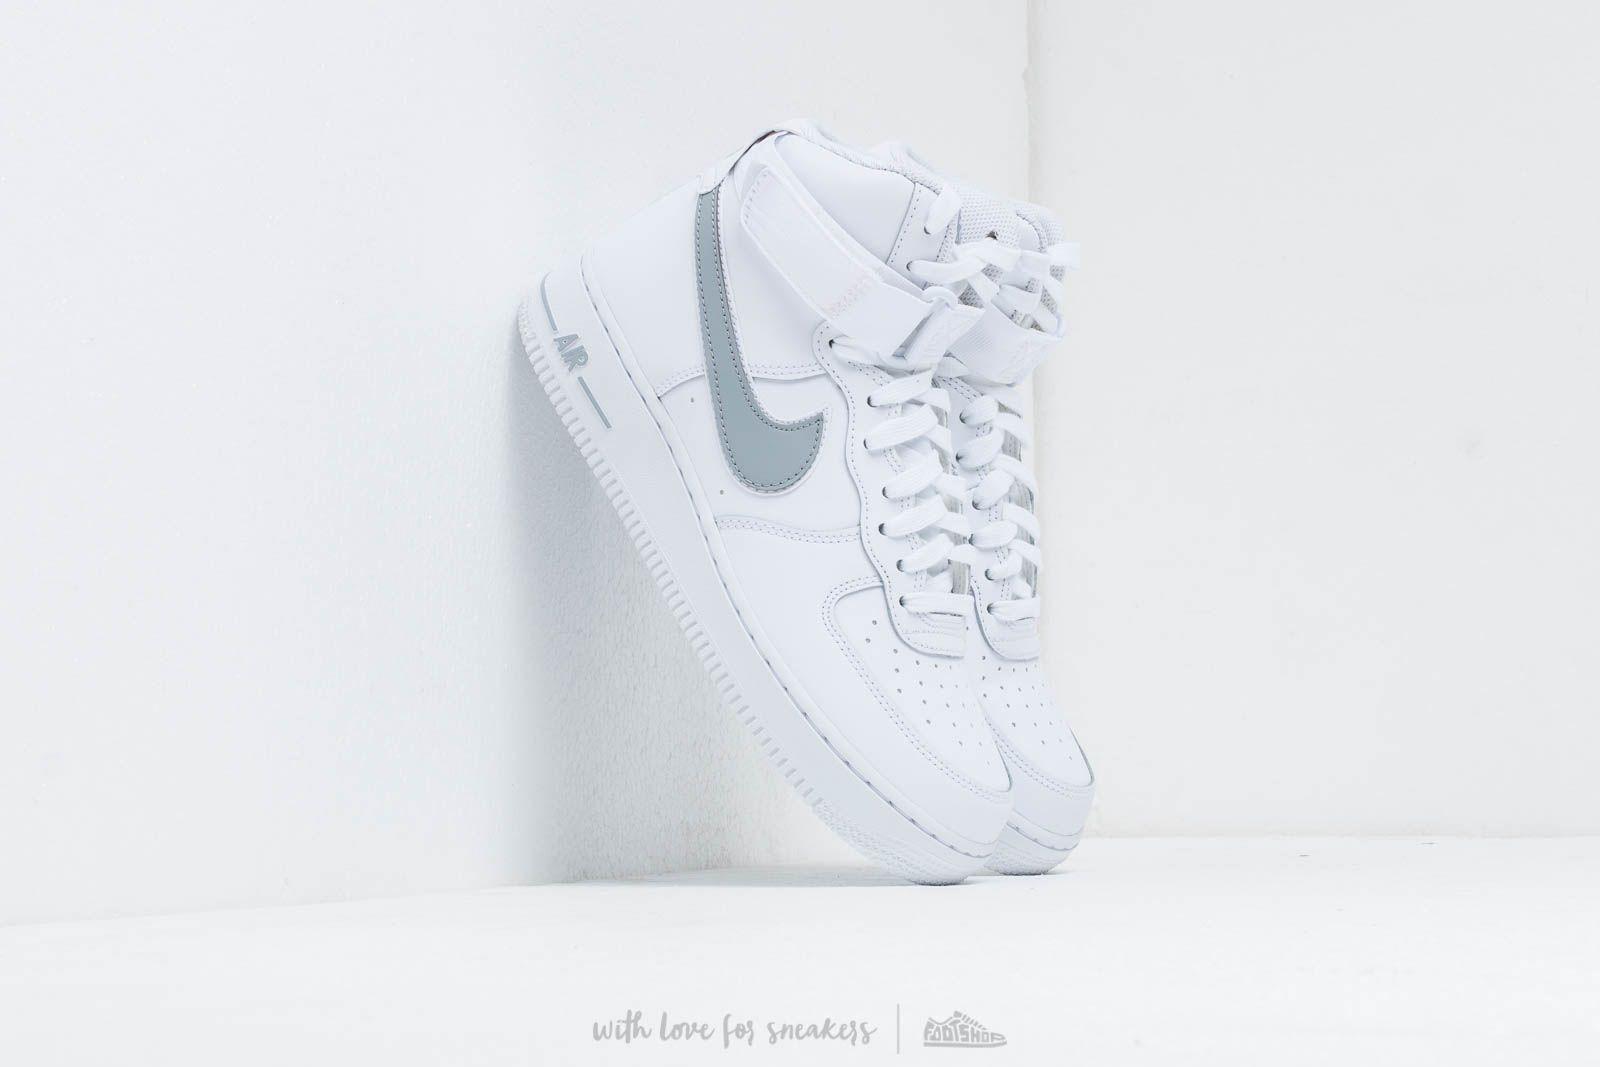 Nike Air Force 1 in size EUR 40, EUR 46.5 | Footshop